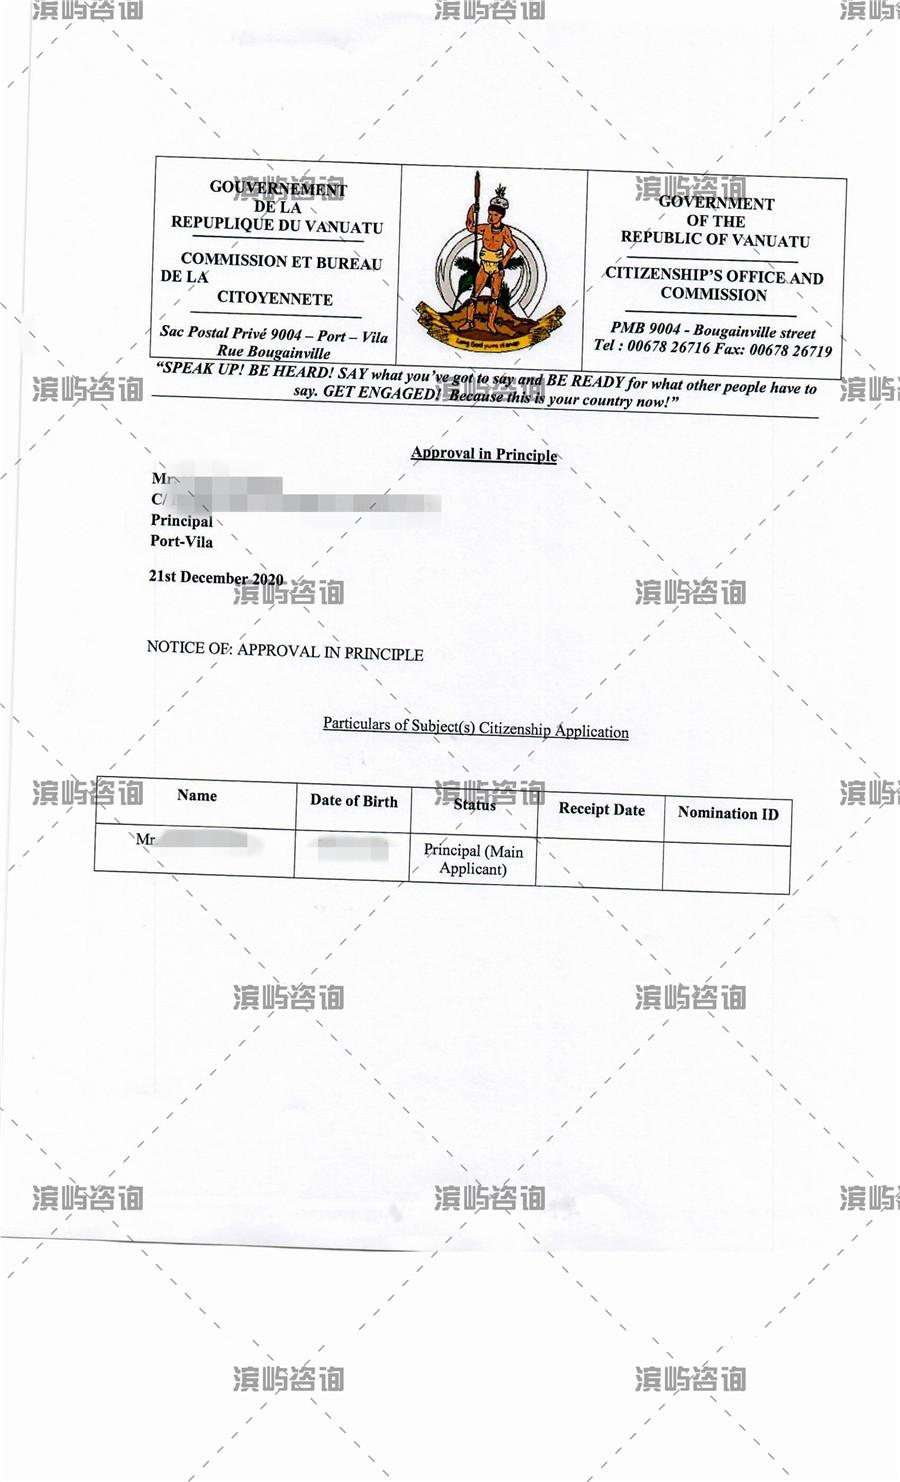 瓦努阿图护照成功案例:2020.12.18新出批准信